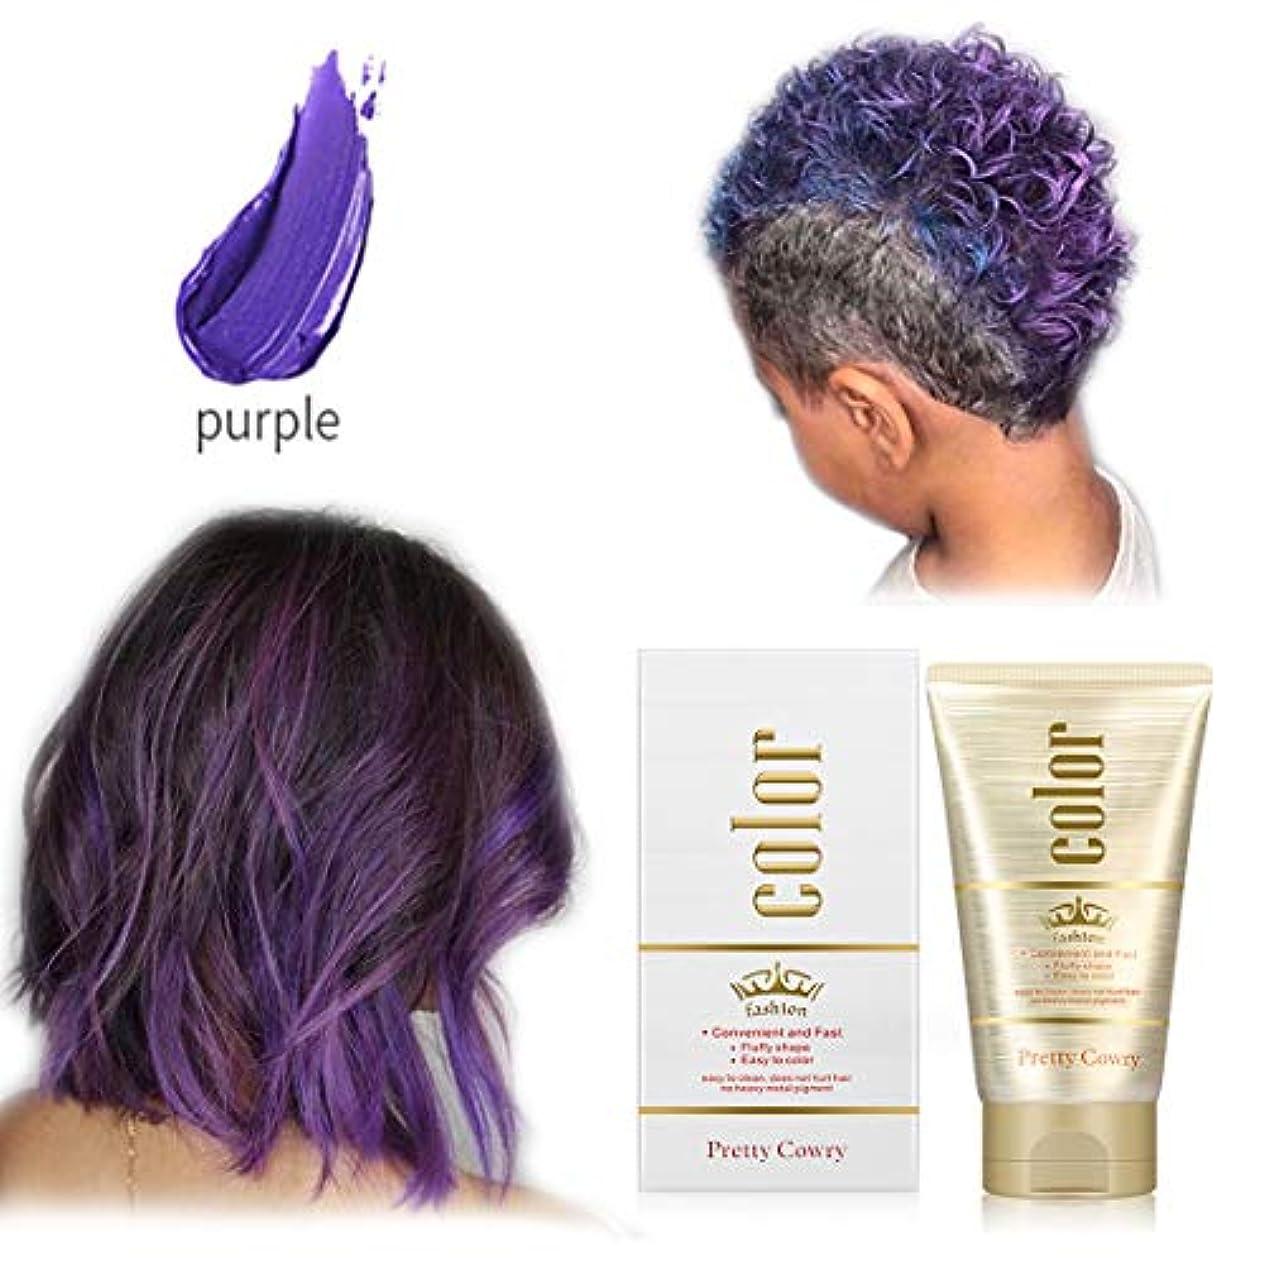 してはいけません抑止する思慮深い染めヘアワックス、ワンタイムカラースタイリング、スタイリングカラーヘアワックス、ユニセックス9色、diyヘアカラーヘアパーティー、ロールプレイング (Purple)